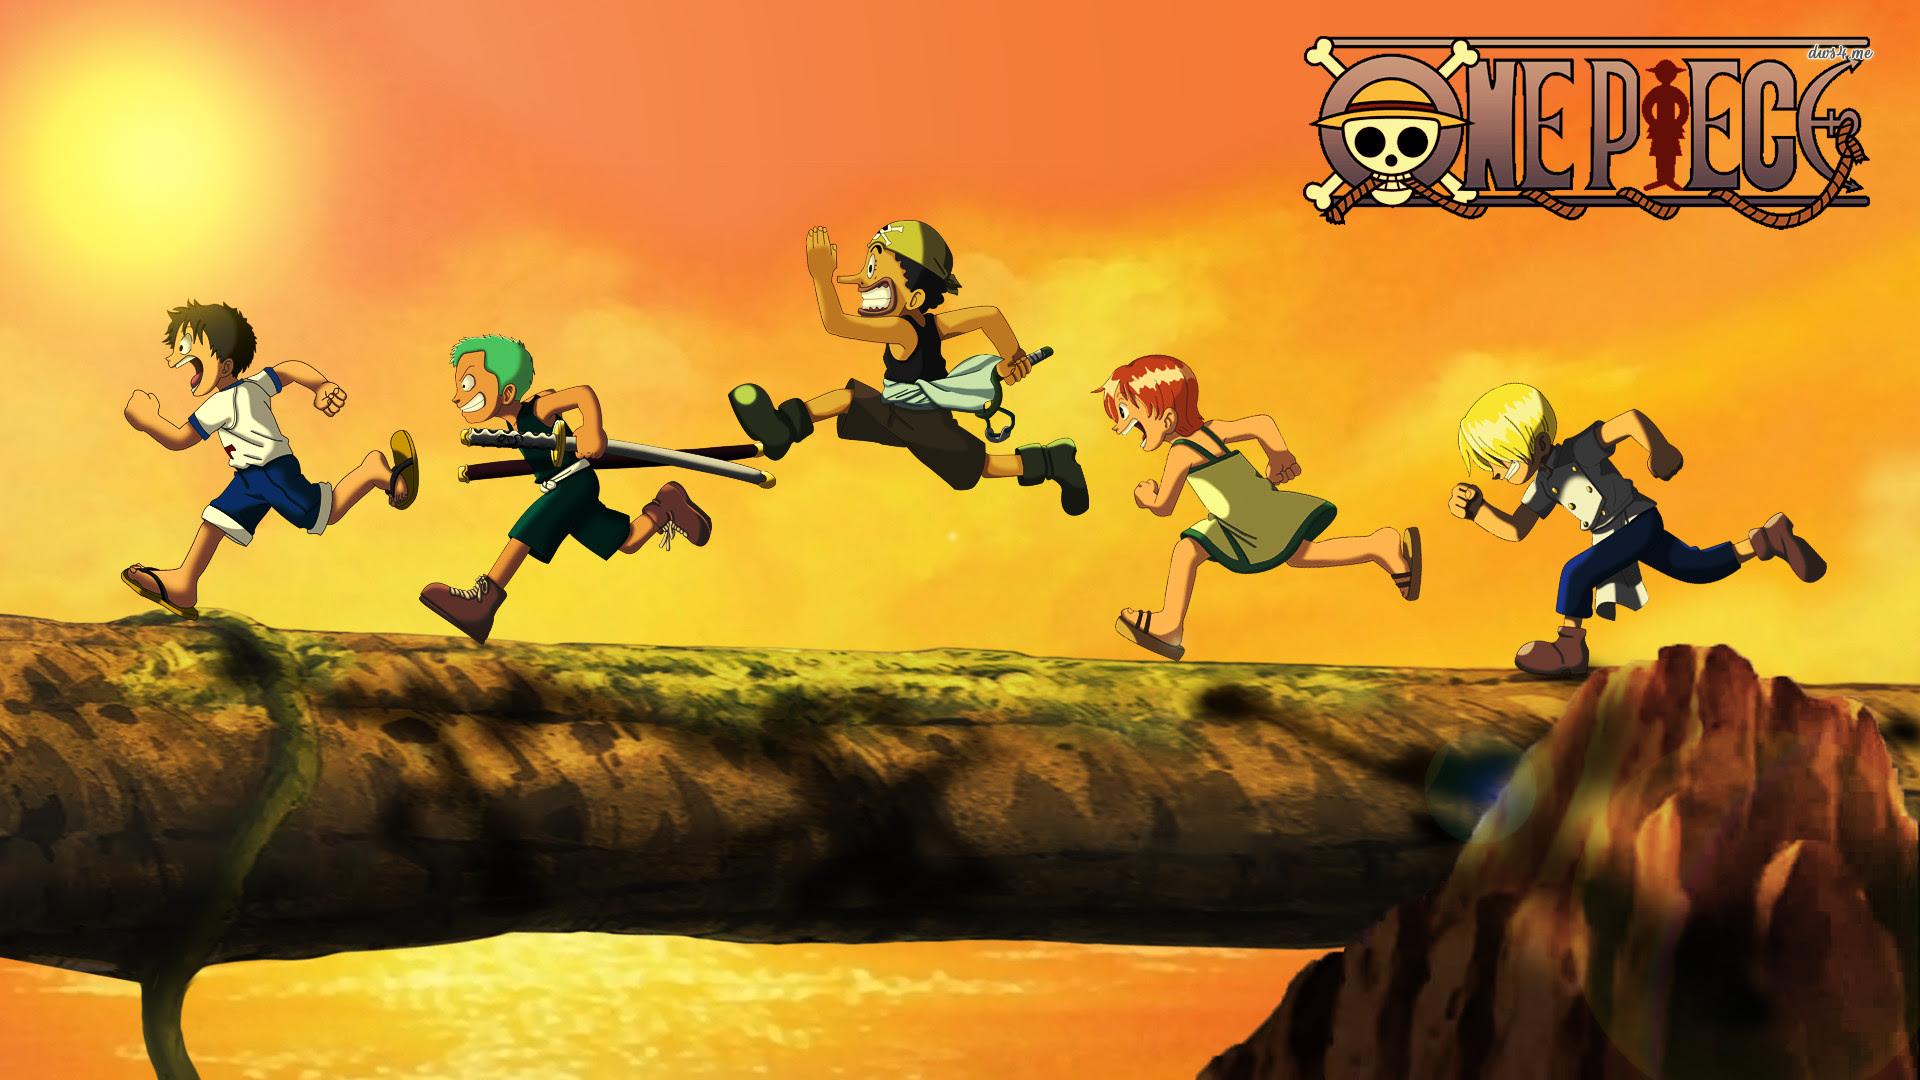 Wallpaper Hd 4k One Piece Desktop Theme